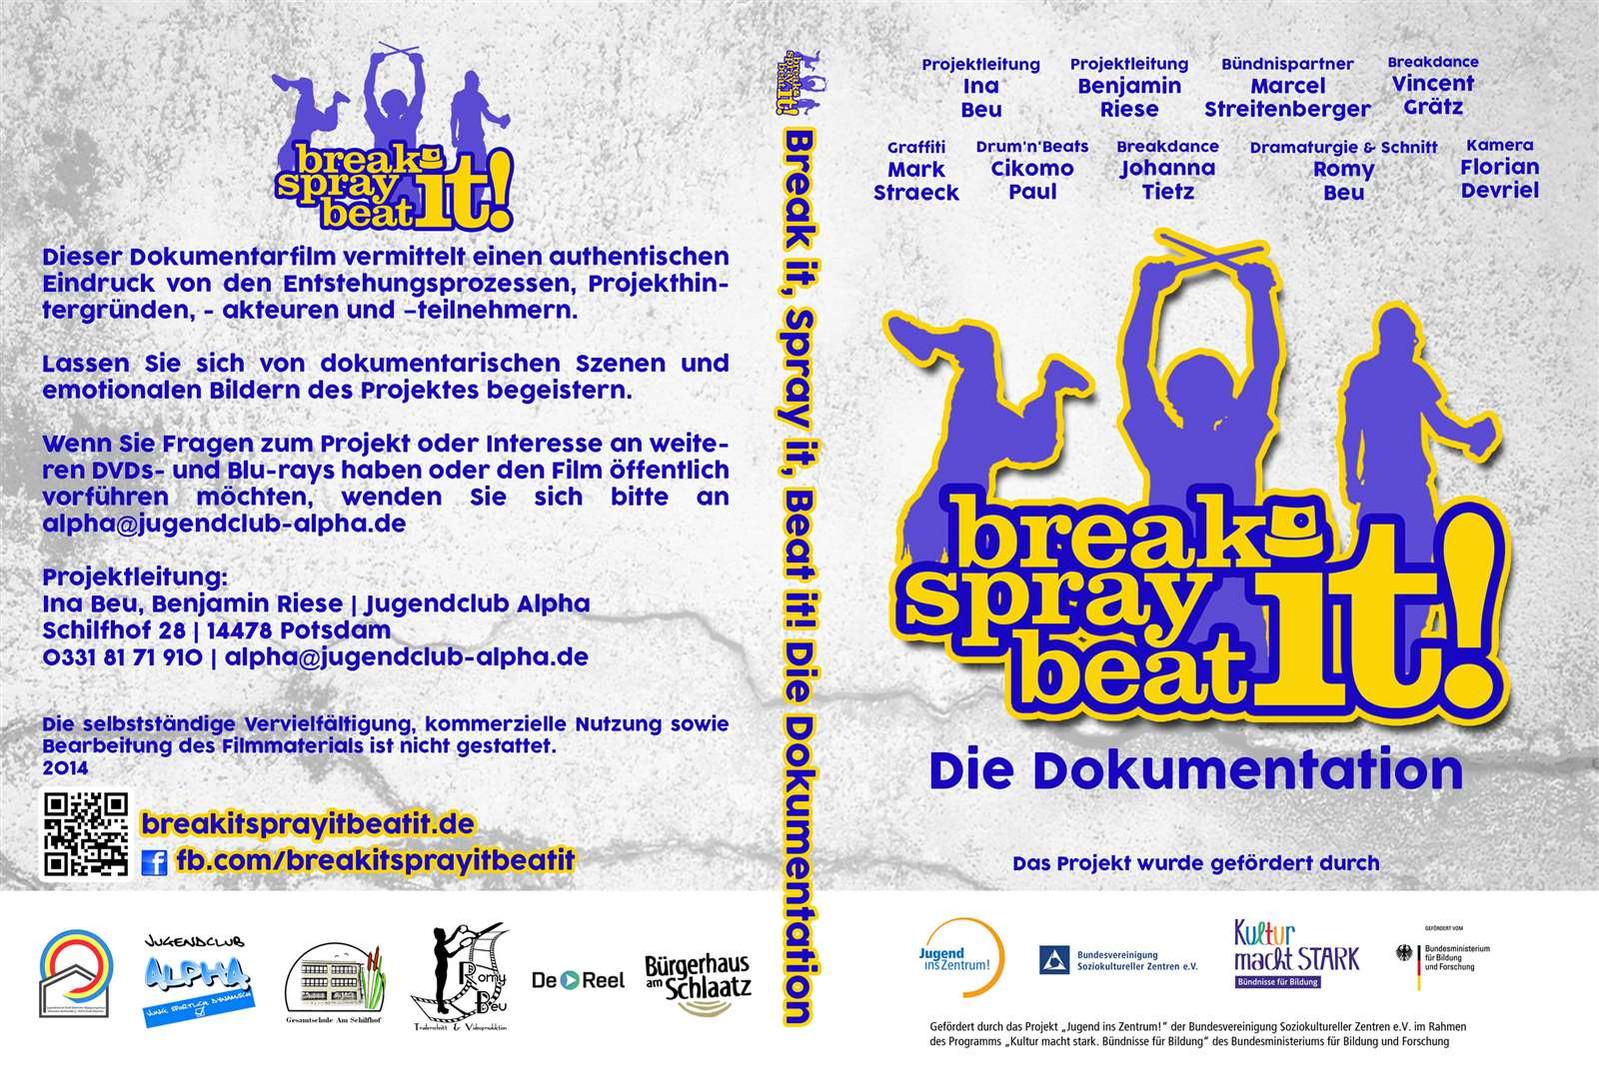 """""""Break it, Spray it, Beat it!"""" 2014"""